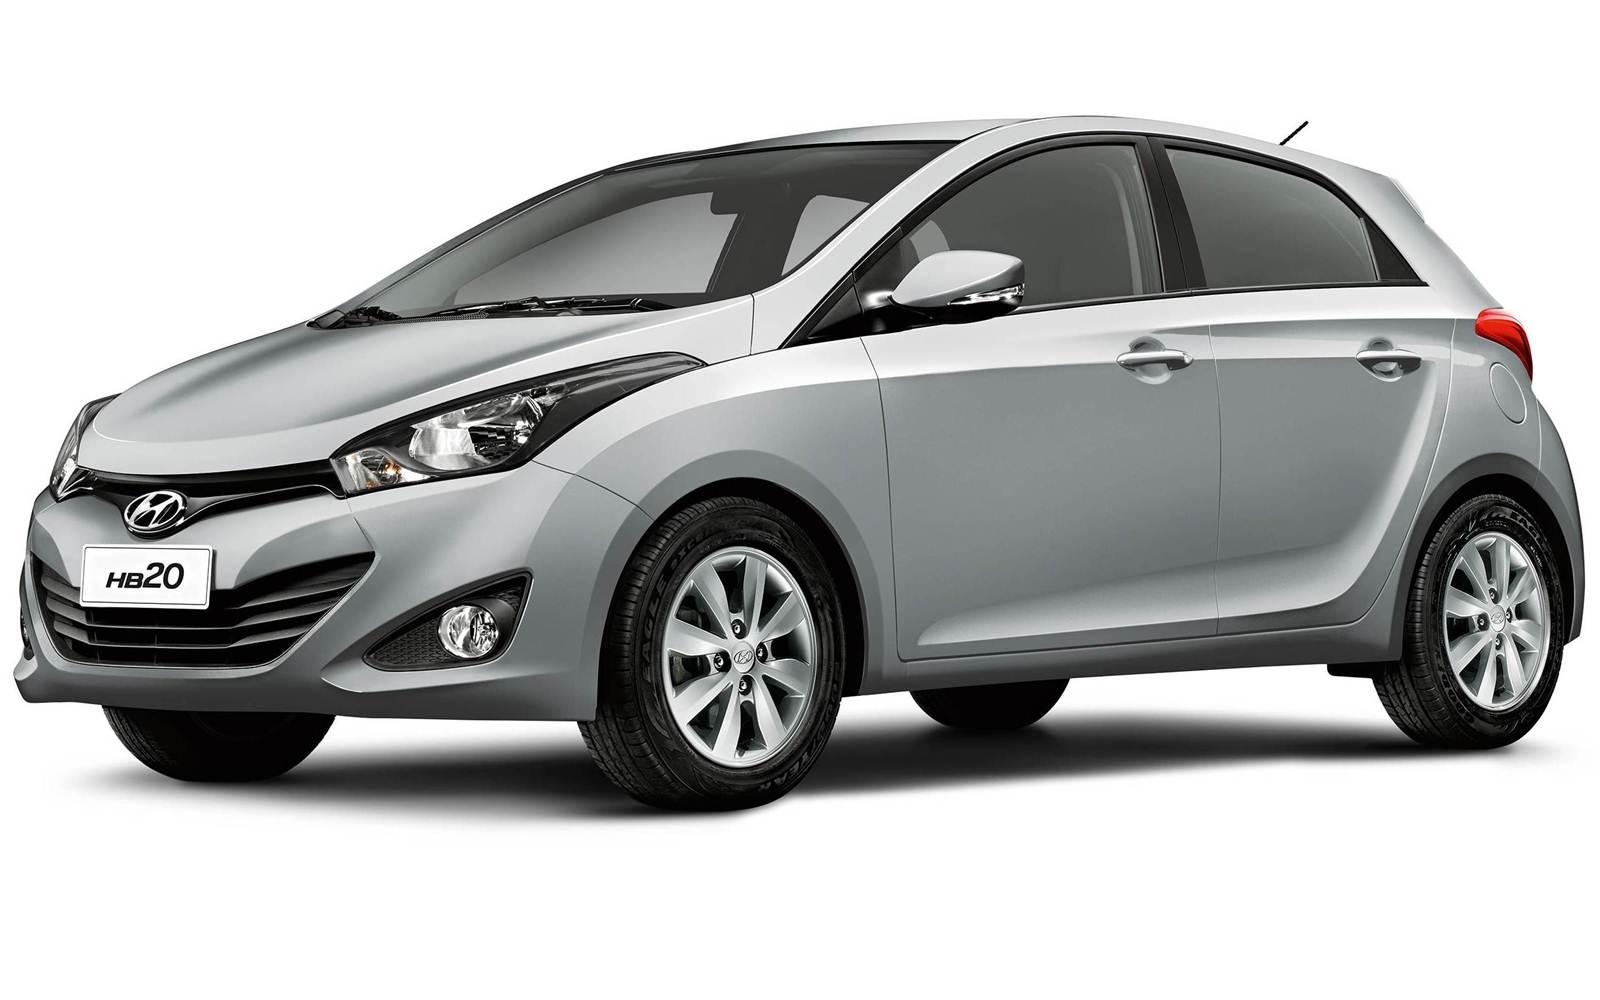 Hyundai Hb20 2014 Fotos Pre 231 Os E Especifica 231 245 Es Car